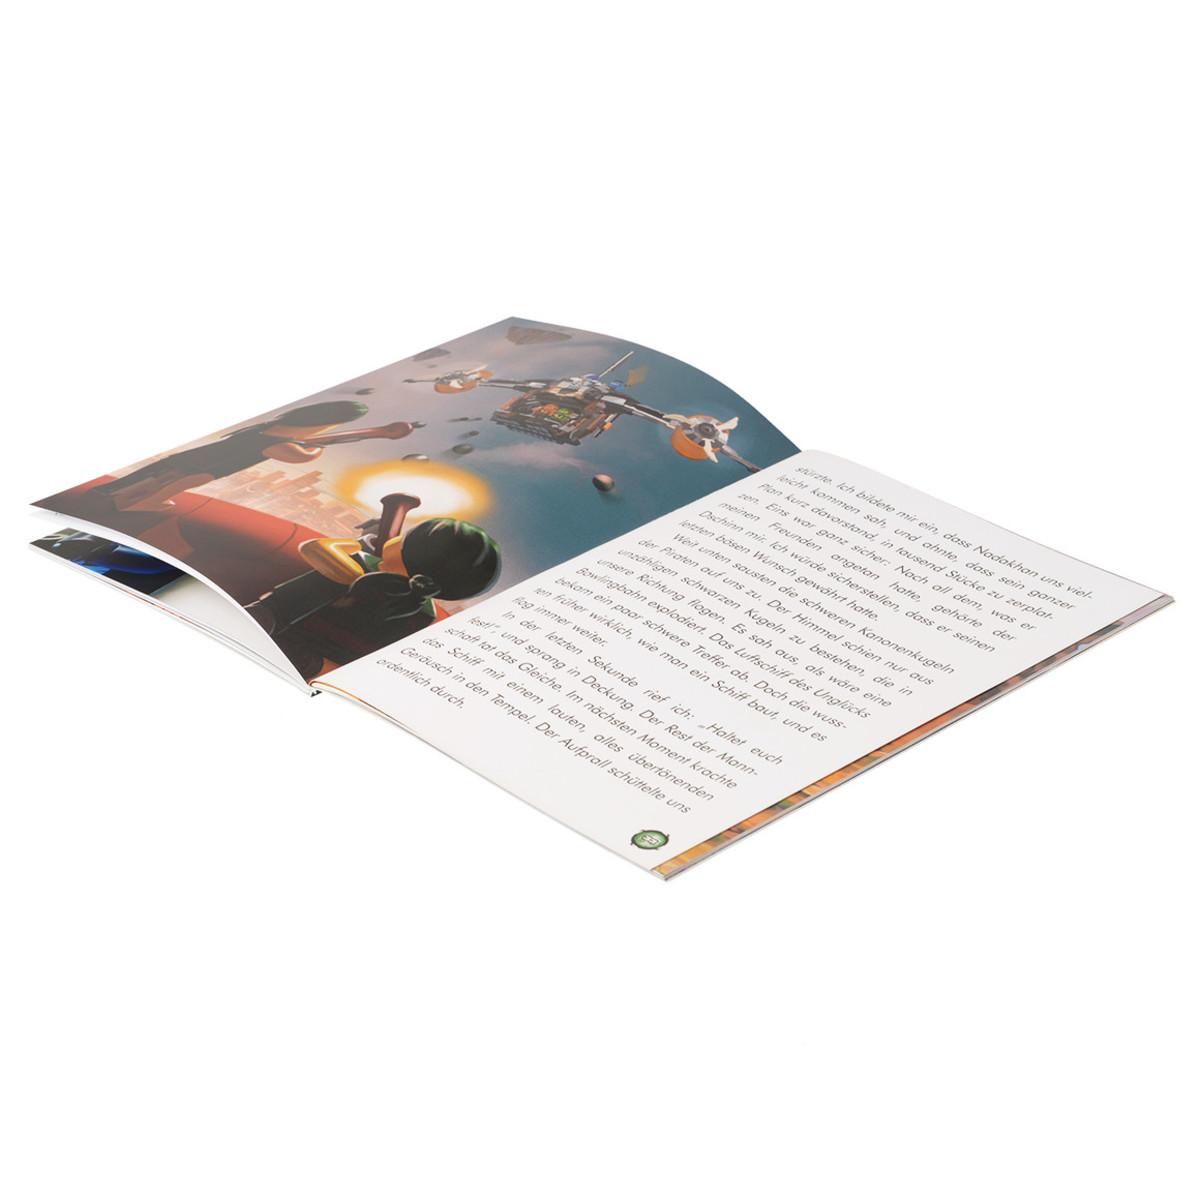 """Bild 2 von LEGO Ninjago Buch """"Jays letzter Wunsch"""""""